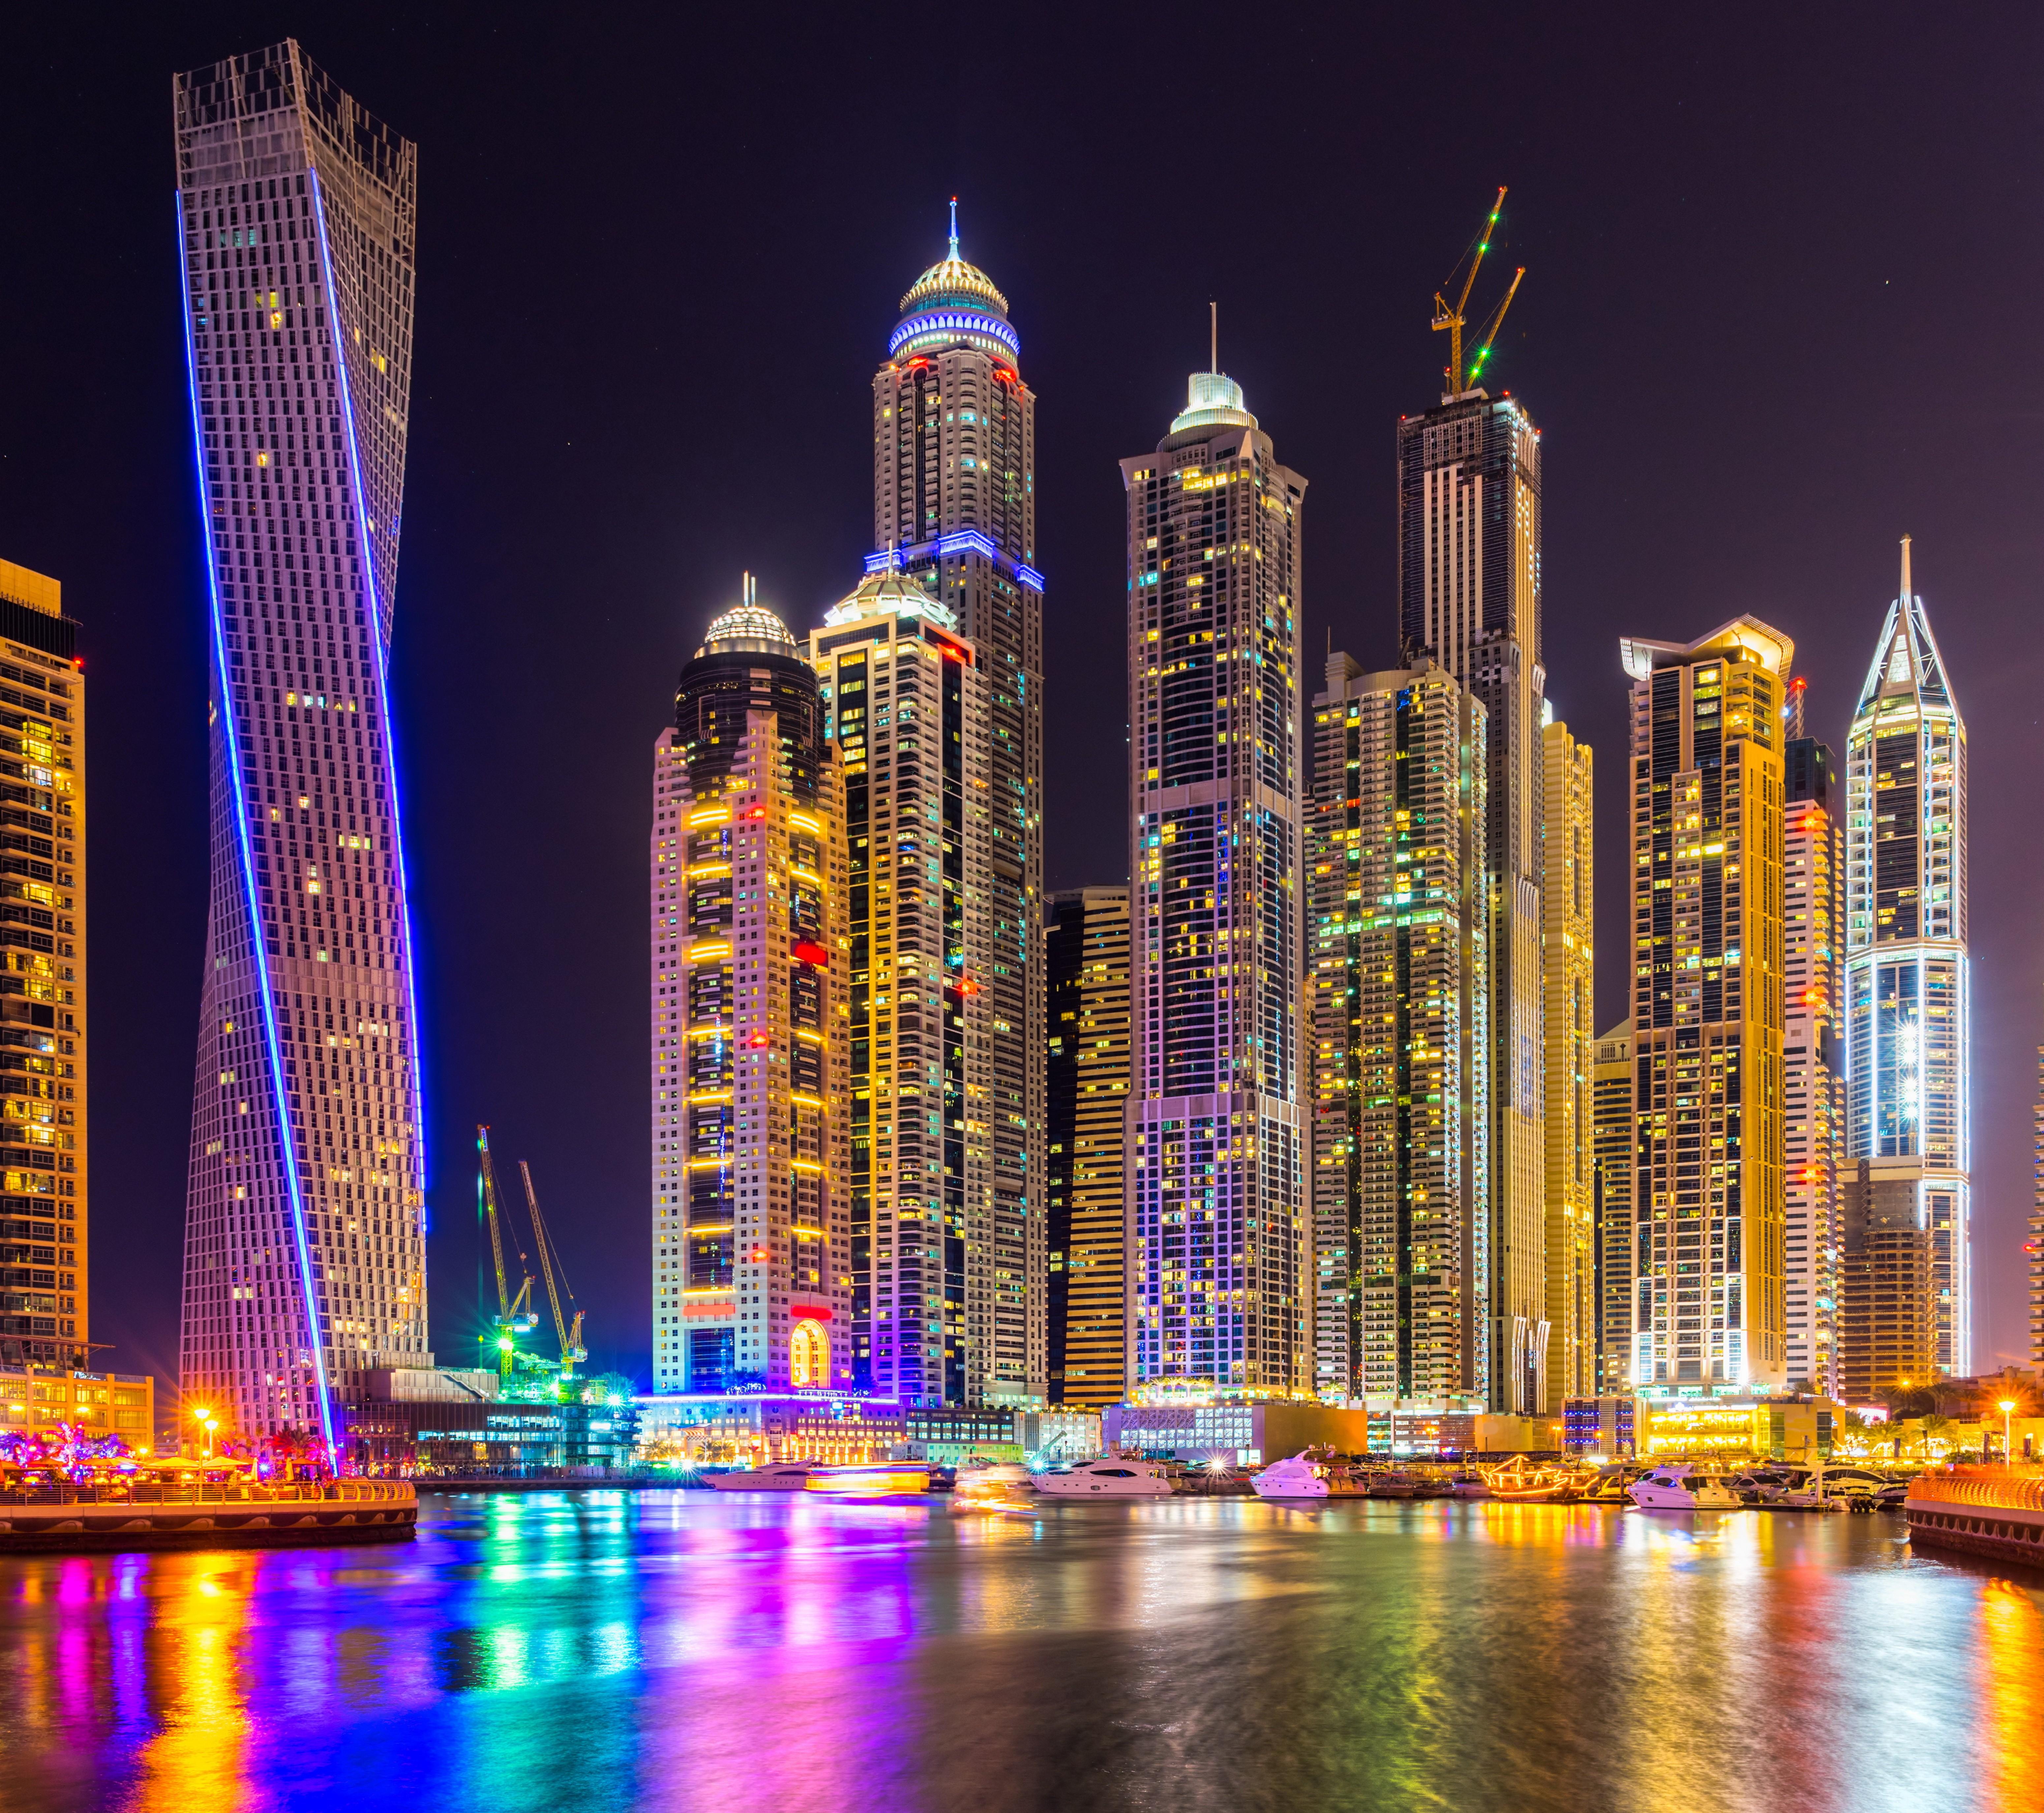 Dubai, Cityscape, City, Skyscraper, Building, Lights